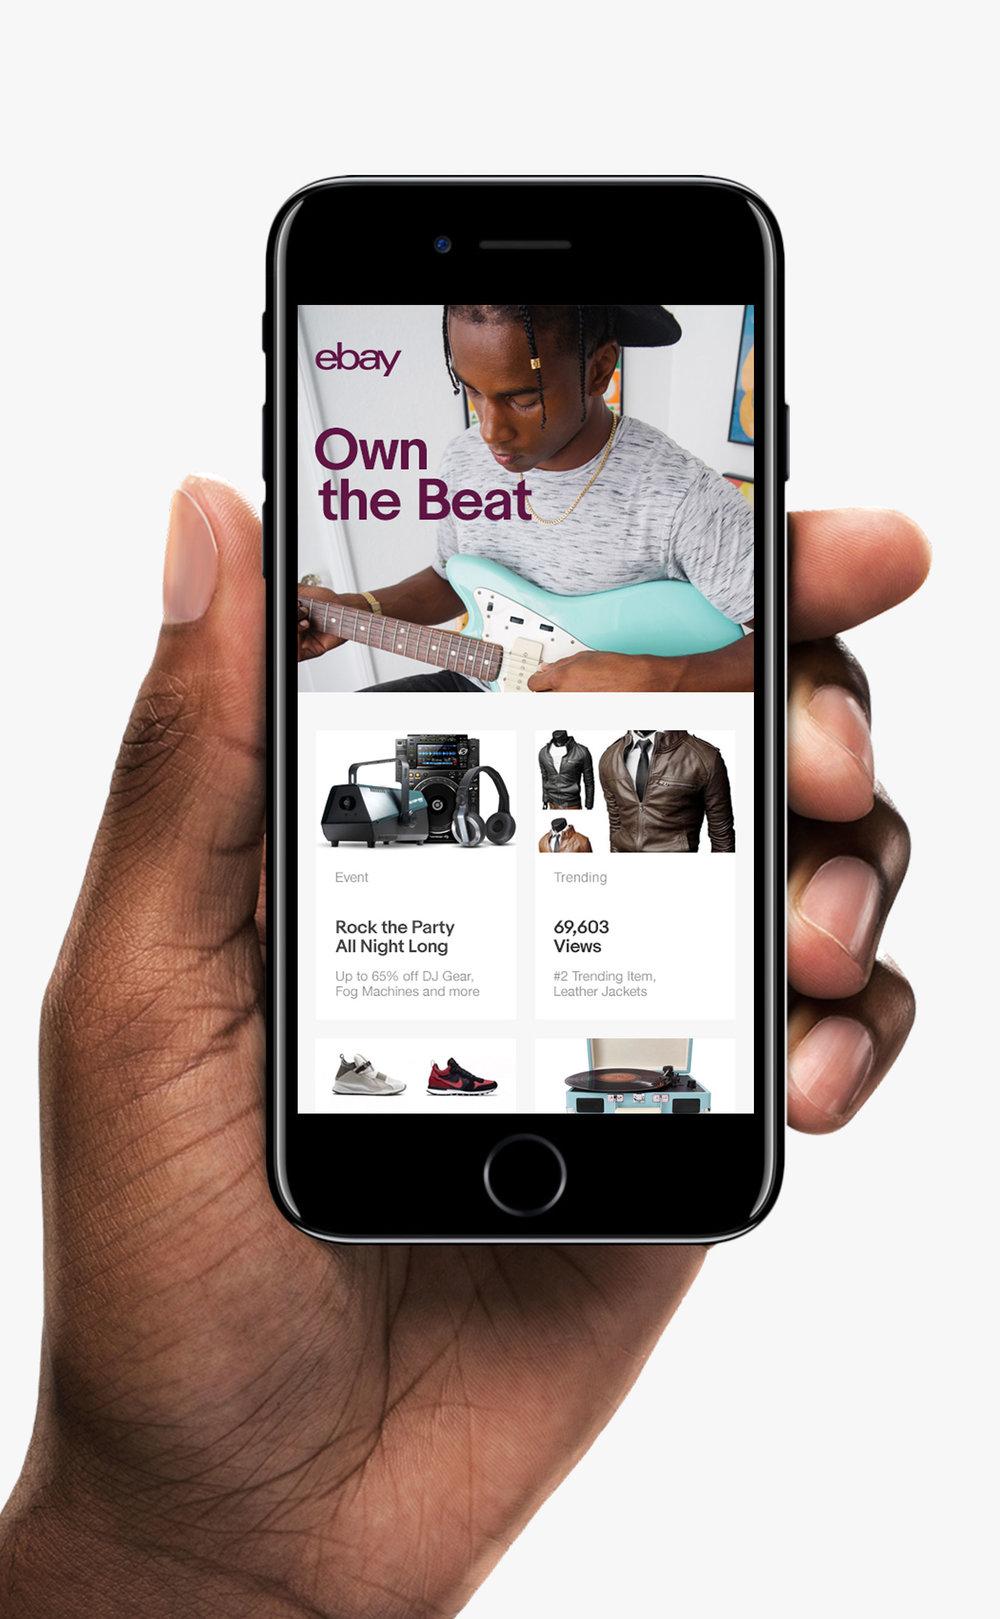 eBay-email-07.jpg